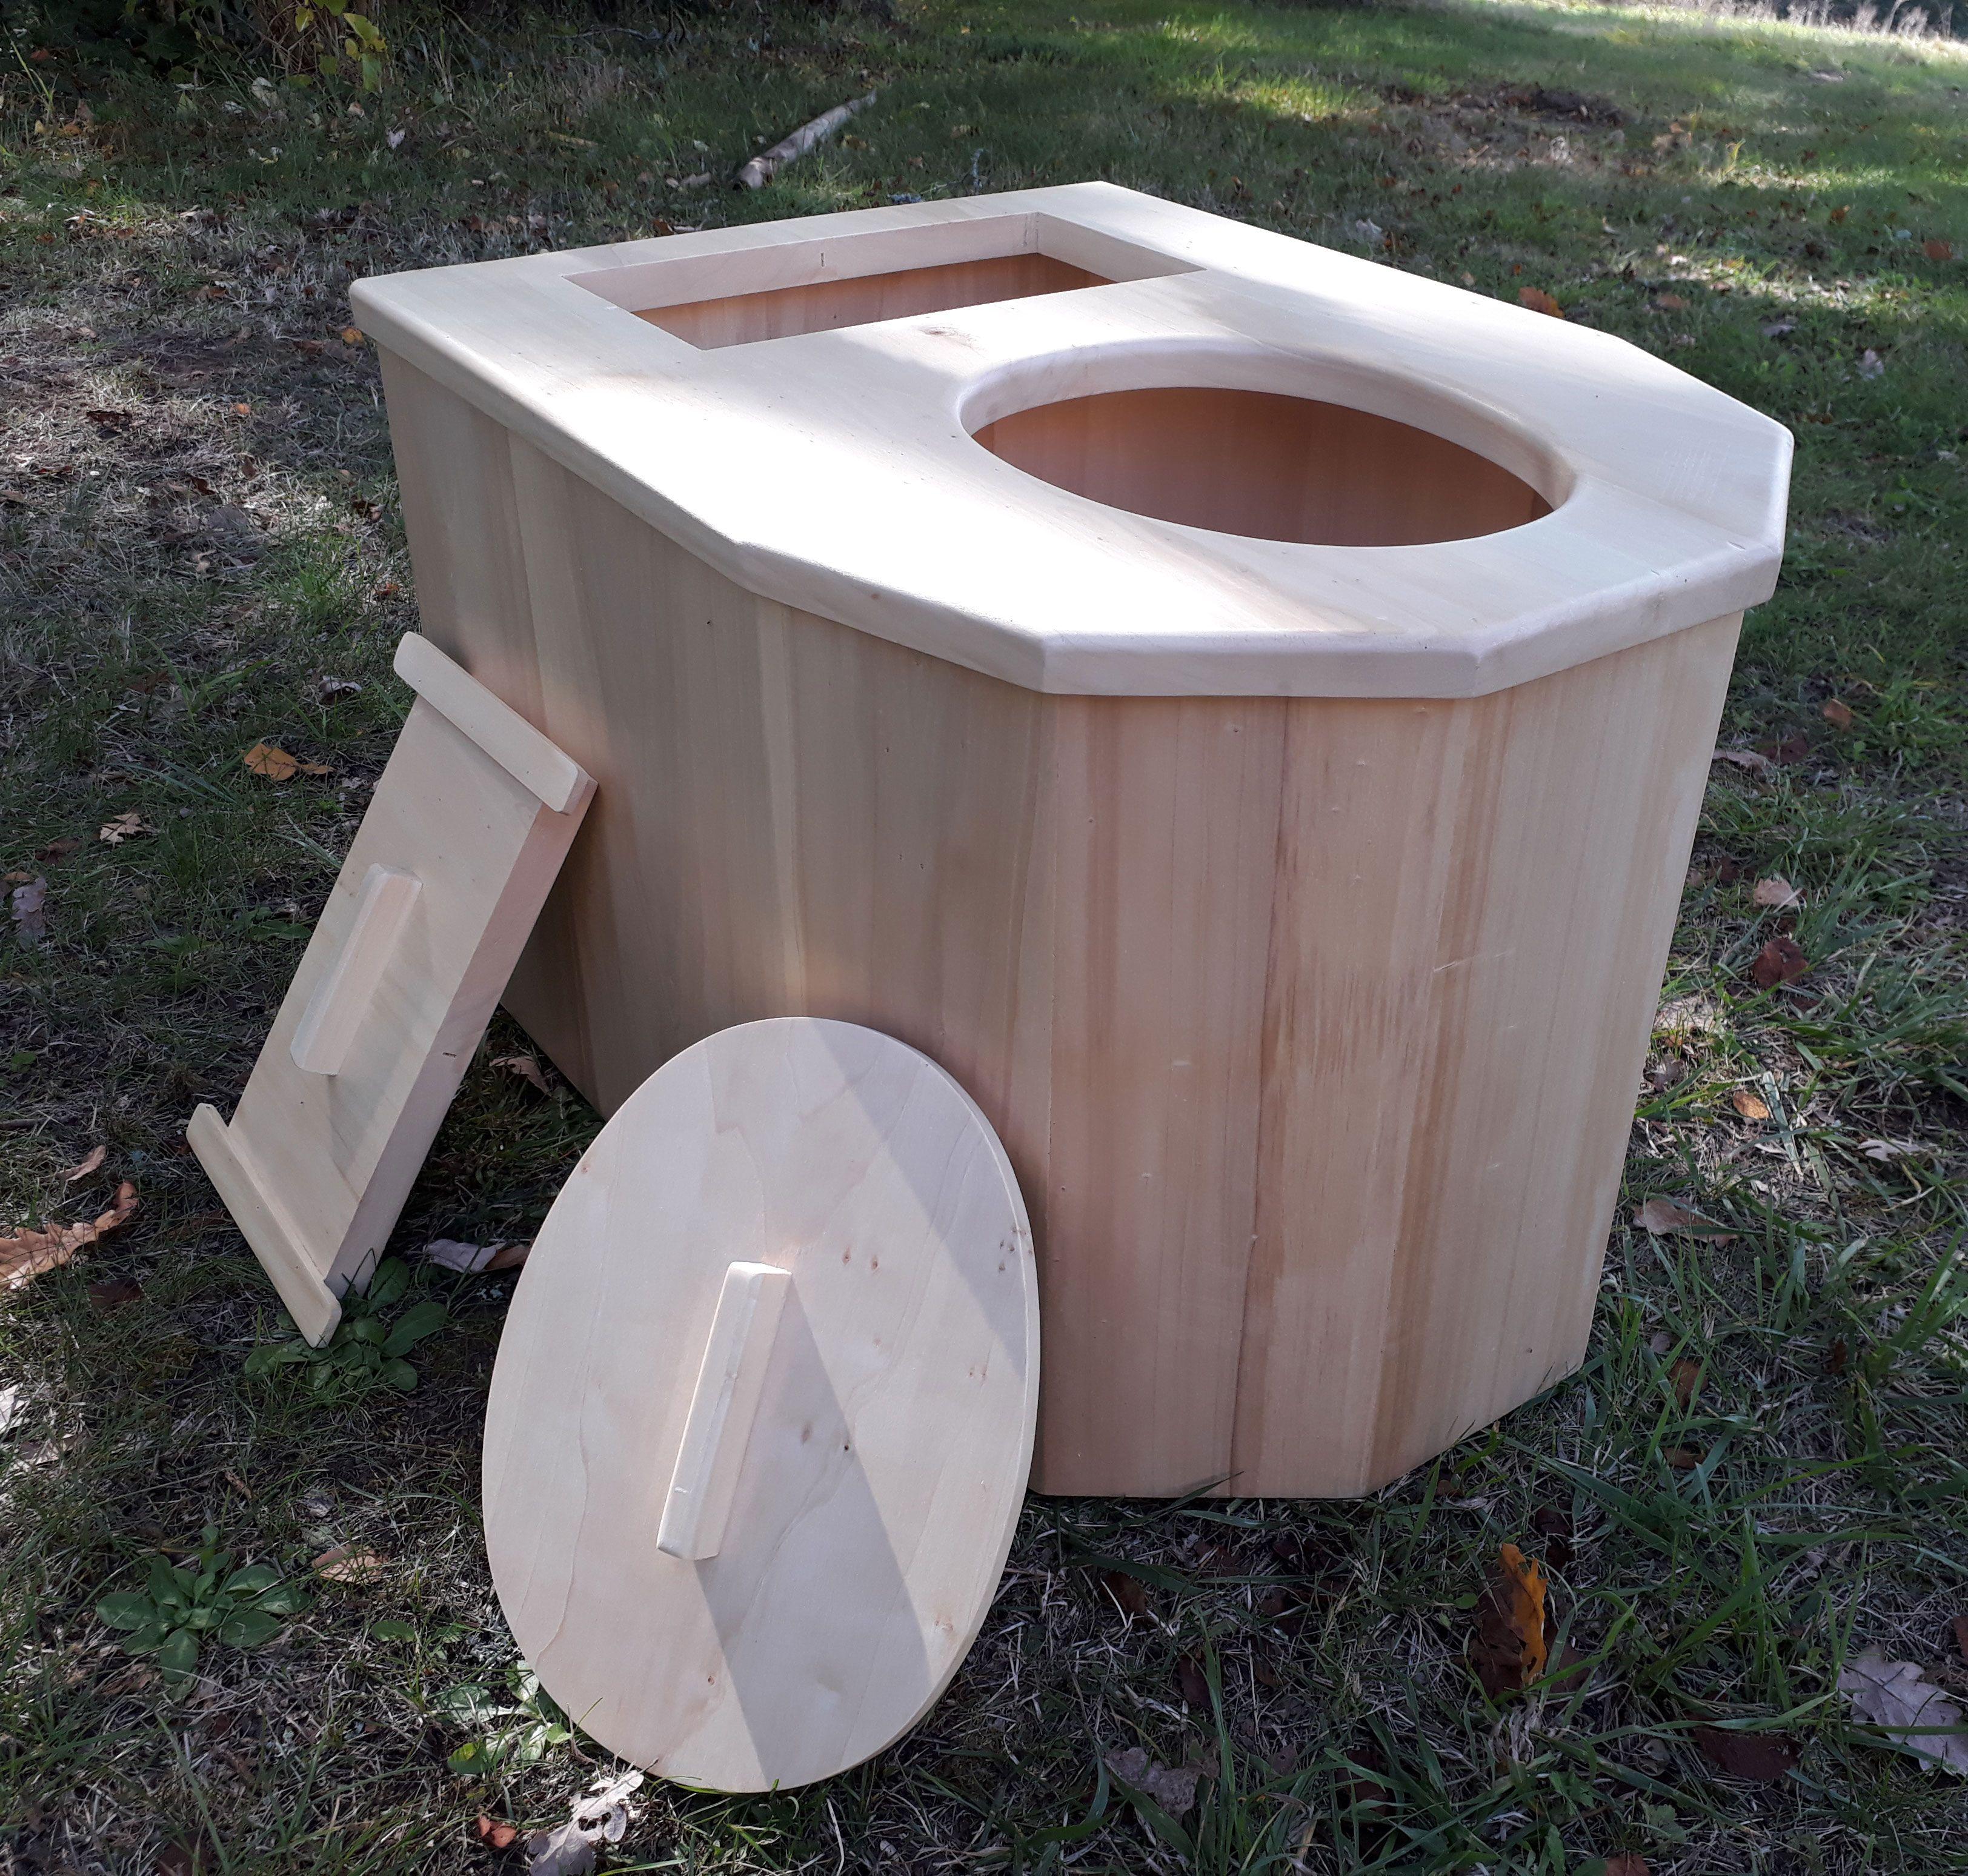 Elegant Toilette Sèche Du0027intérieur Maison, En Peuplier, Fabrication Artisanal En  France.